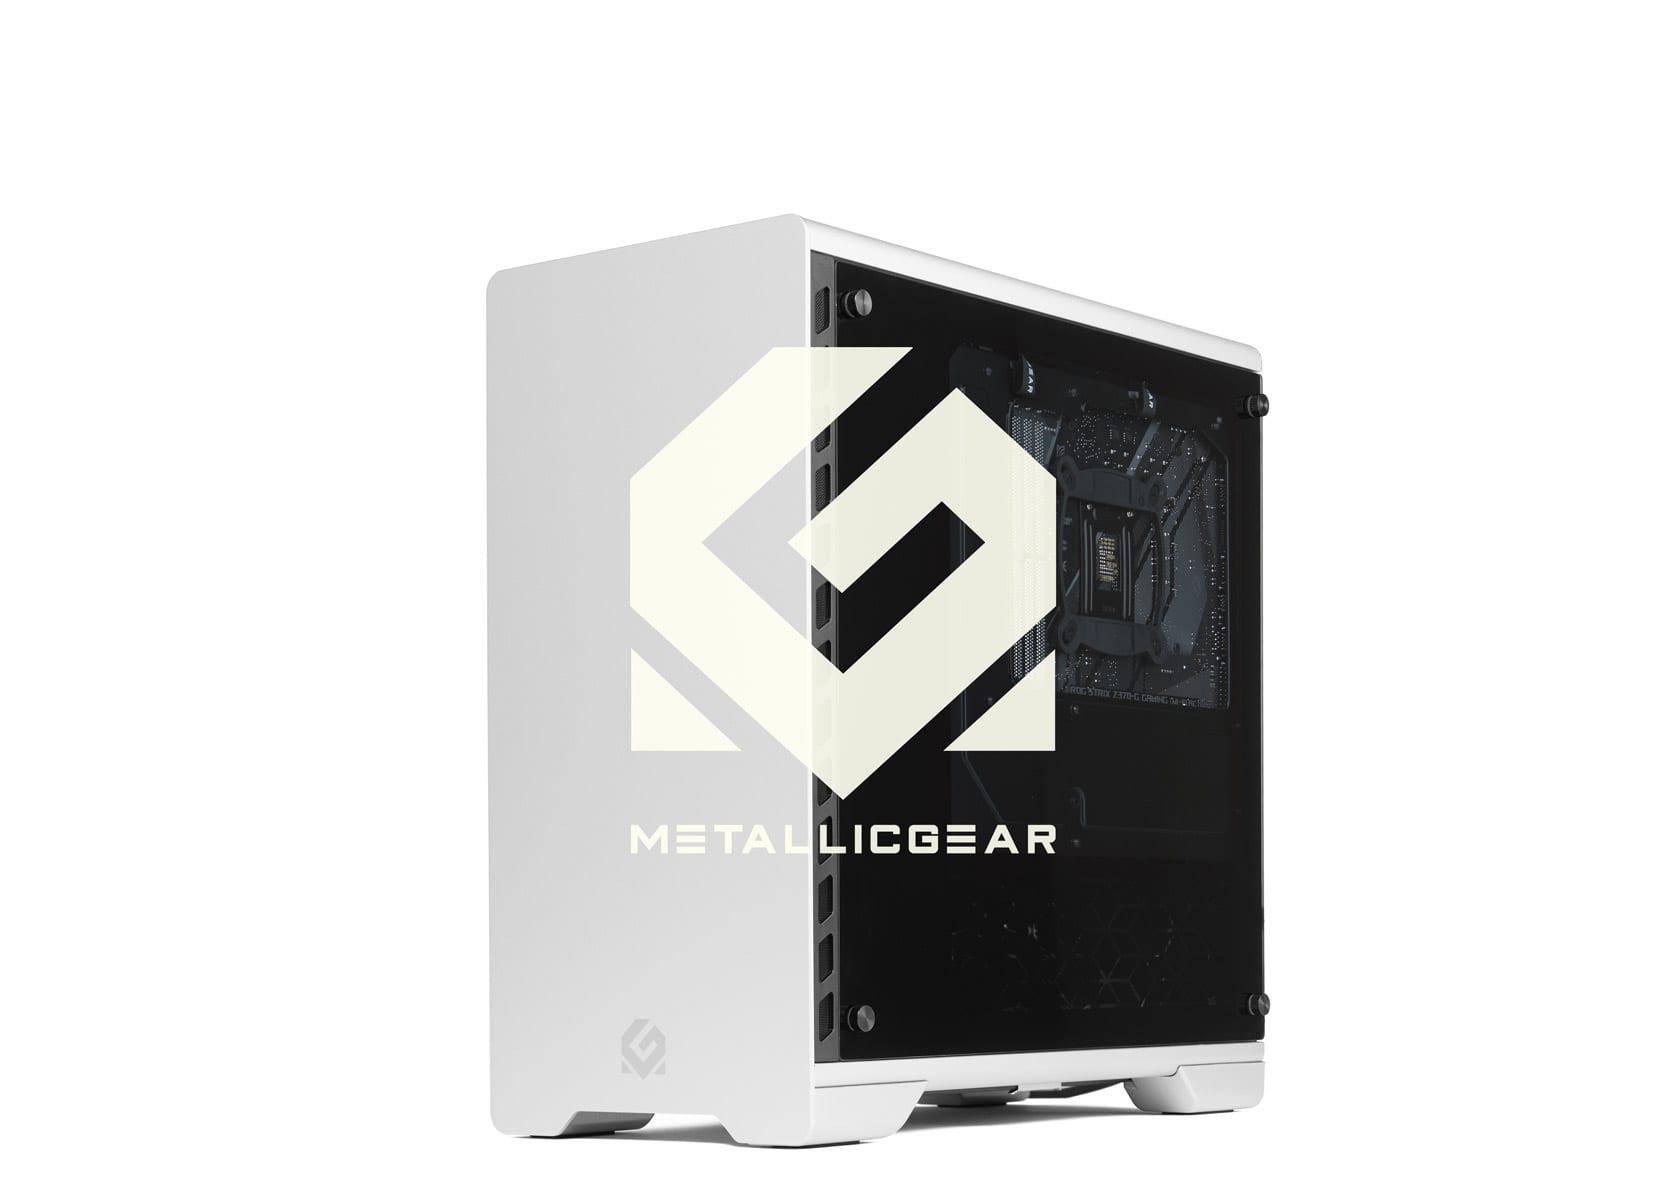 MG – Metallic Gear